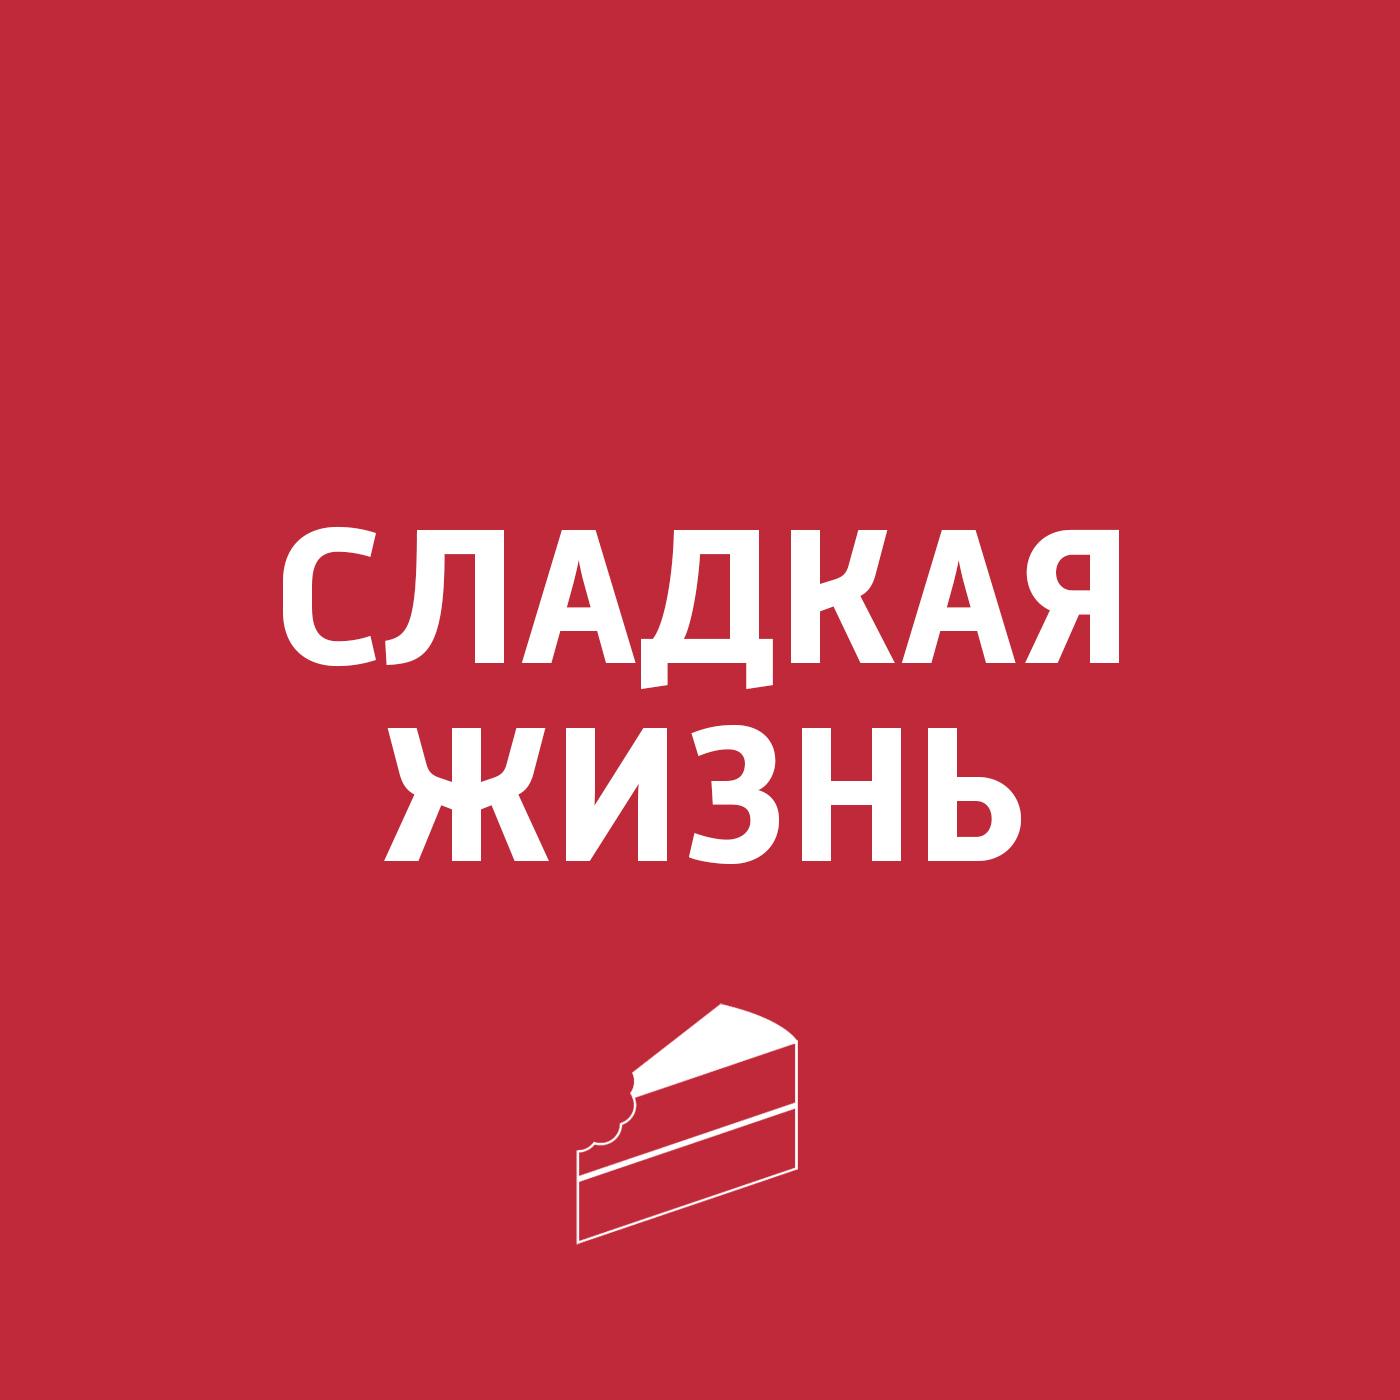 Картаев Павел Чуррос. Часть 2 - Чампуррадо картаев павел чуррос